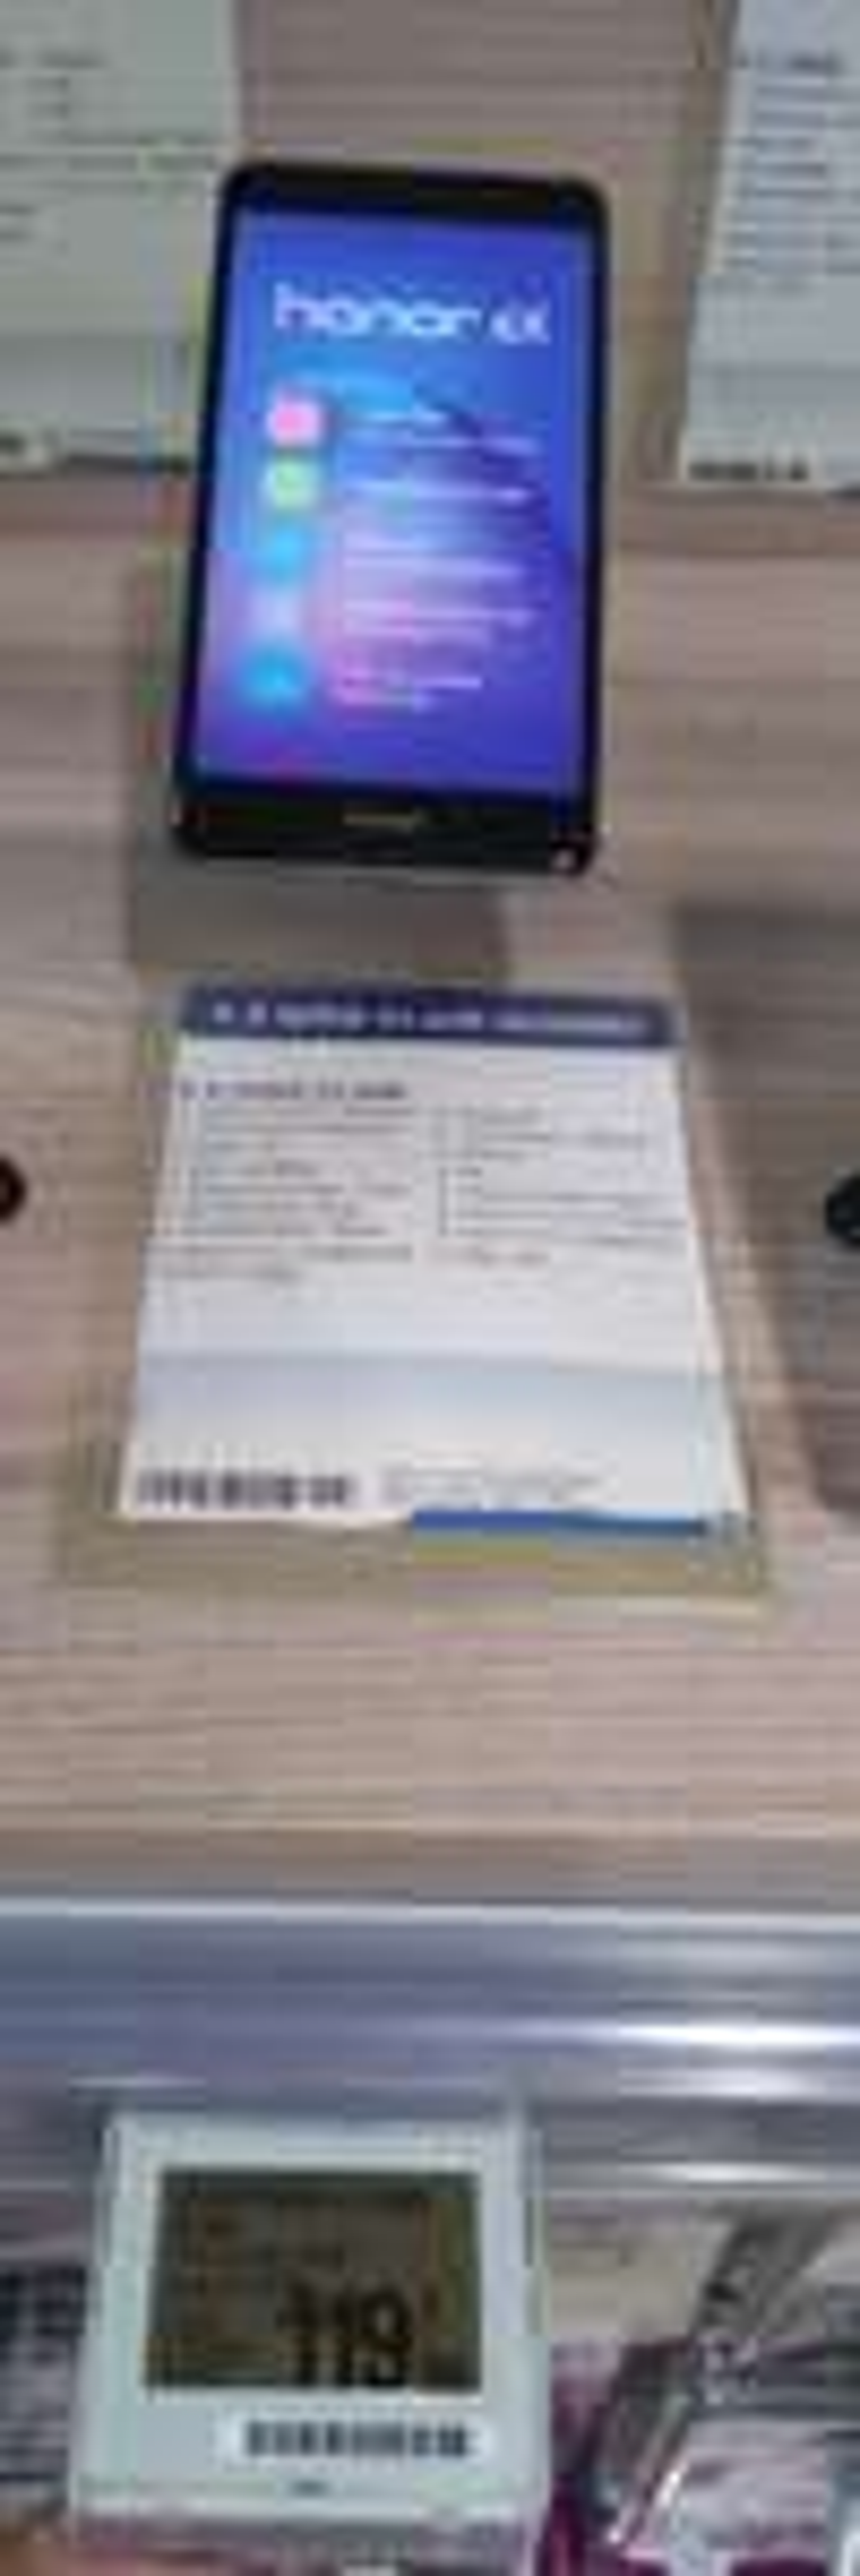 """Smartphone 5.5"""" Honor 6X Silver - Full HD, Kirin 655, RAM 3Go, 32Go - Fleury-les-Aubrais (45)"""